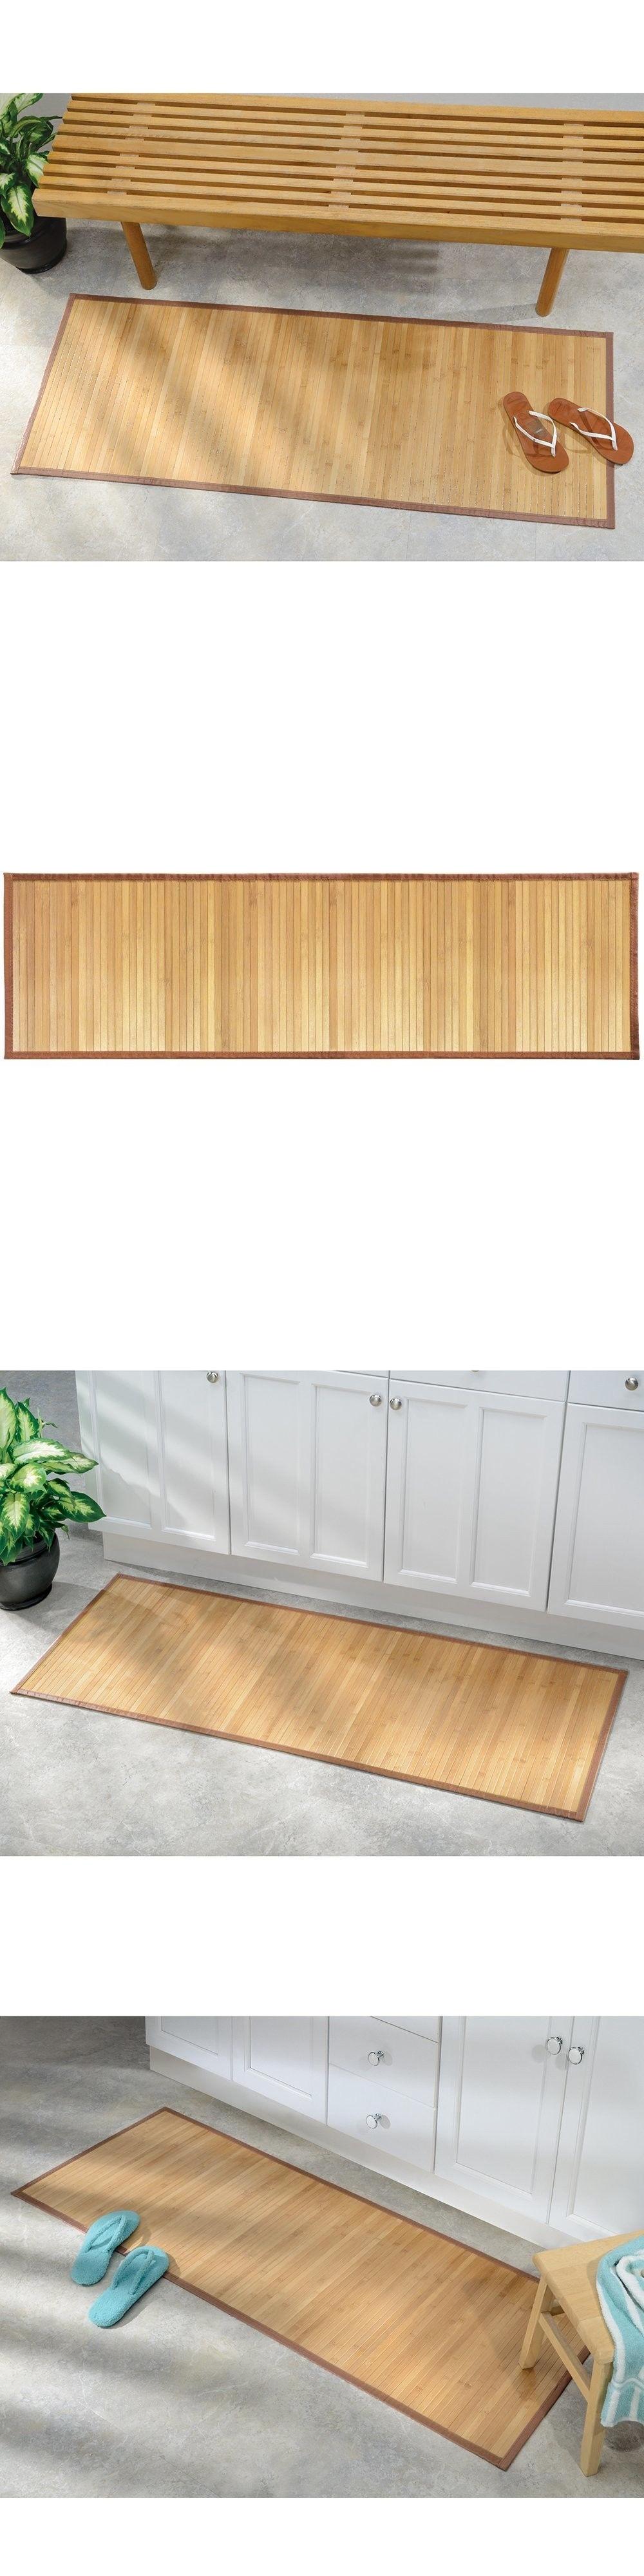 door mats and floor mats  bamboo floor runner mat table area  - door mats and floor mats  bamboo floor runner mat table area rugcarpet